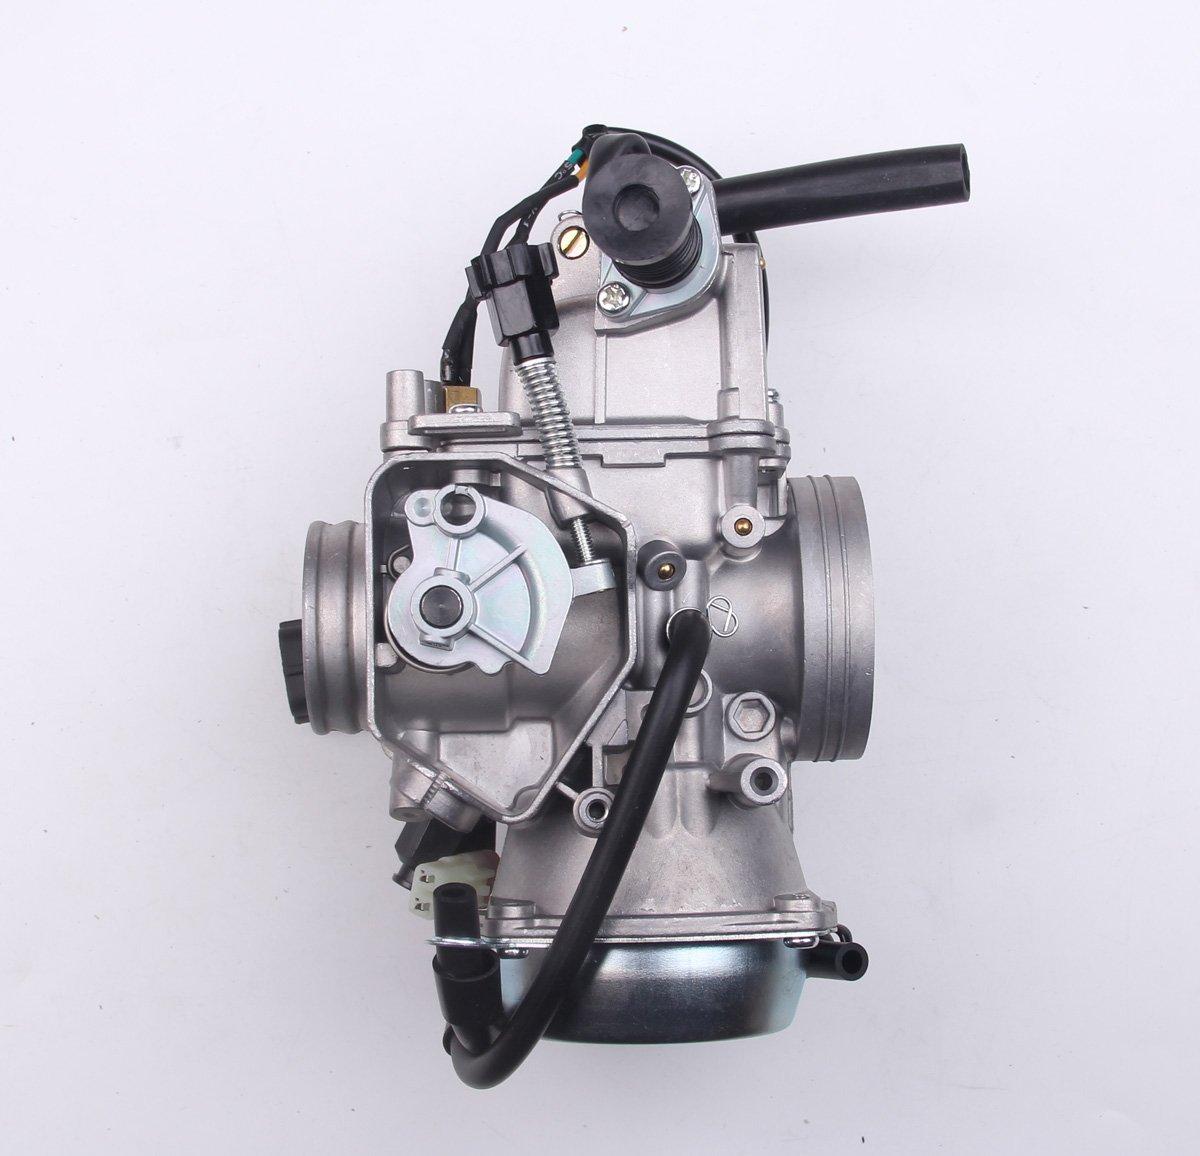 New Carburetor For Honda TRX500 TRX 500 FOREMAN RUBICON 500 4X4 2005-2014